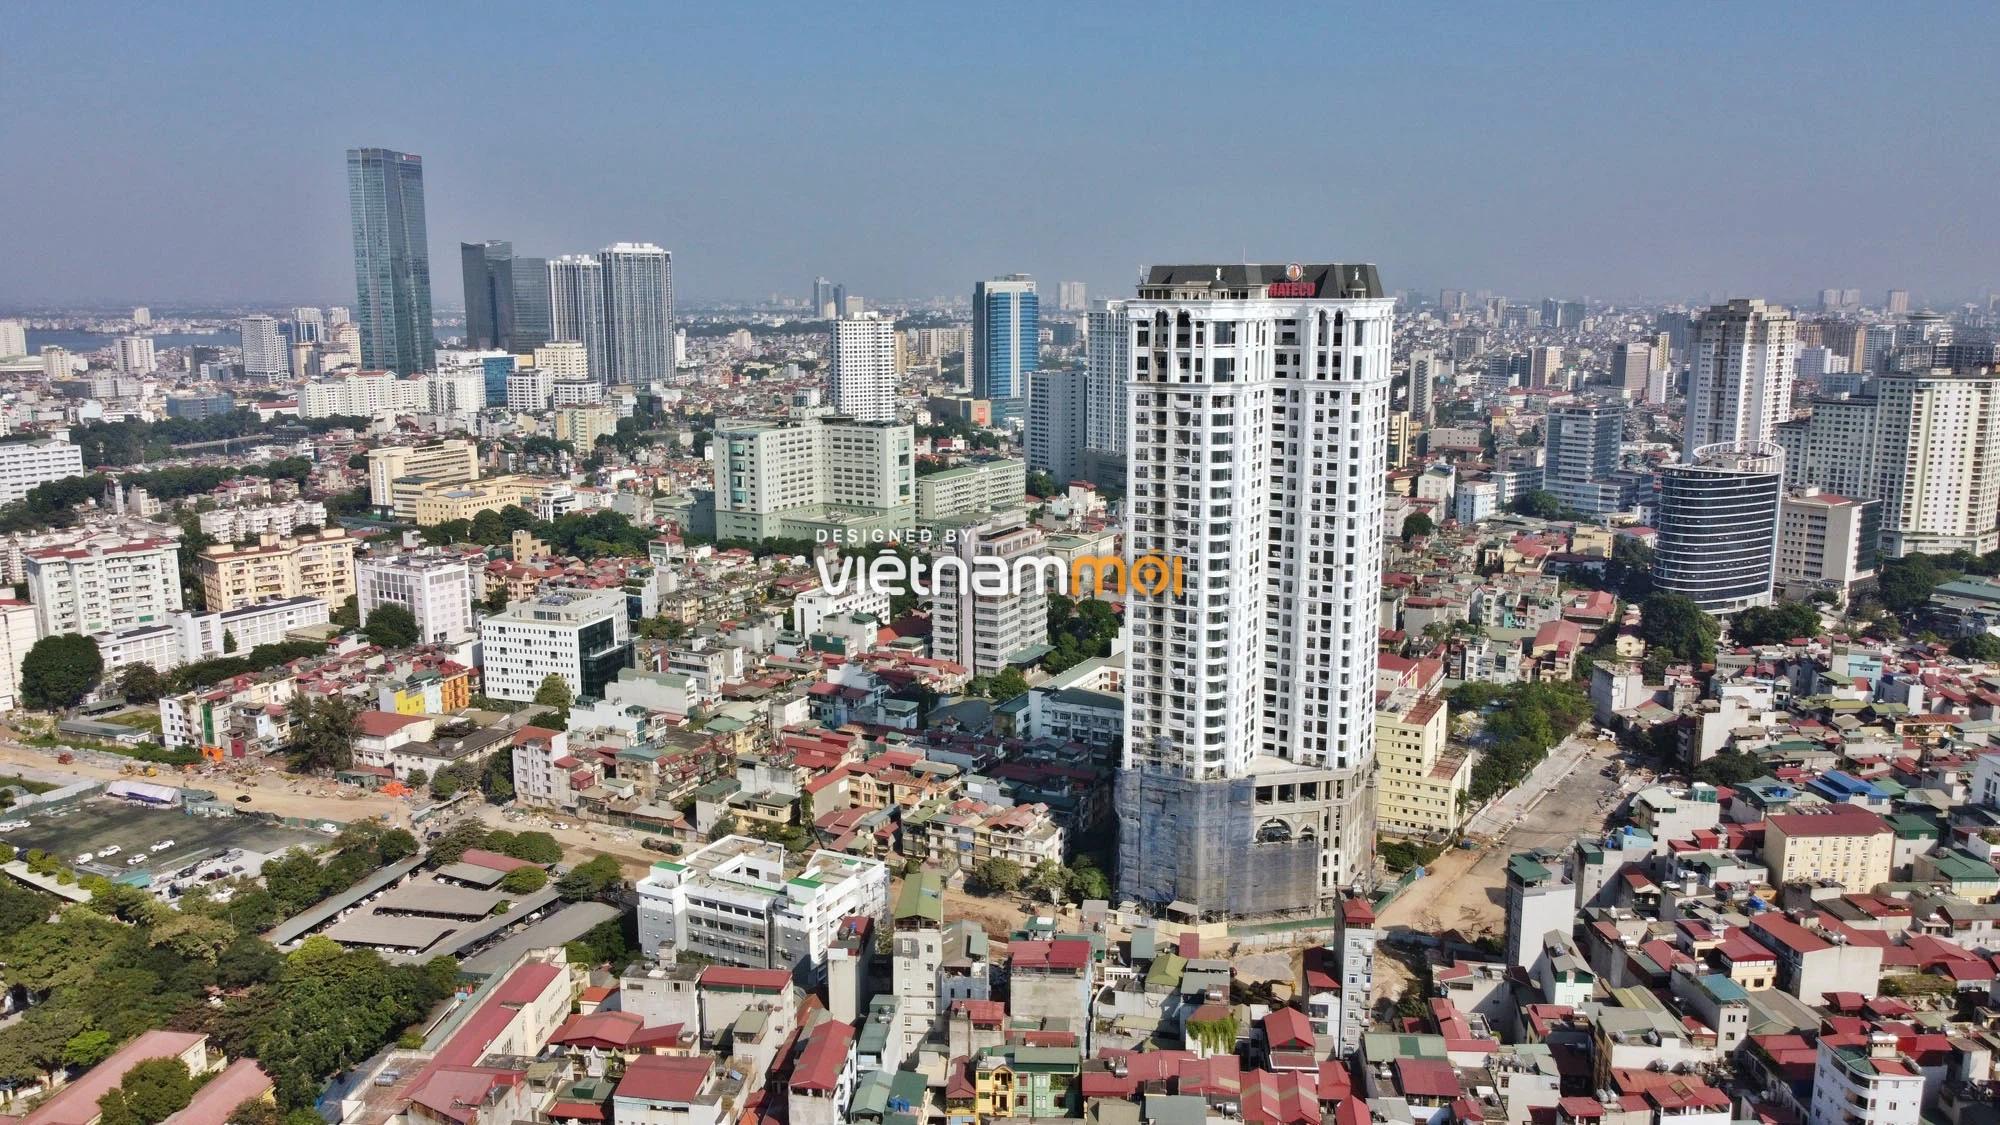 Cận cảnh tòa nhà duy nhất được xây trên 50 tầng ở vùng nội đô lịch sử - Ảnh 9.